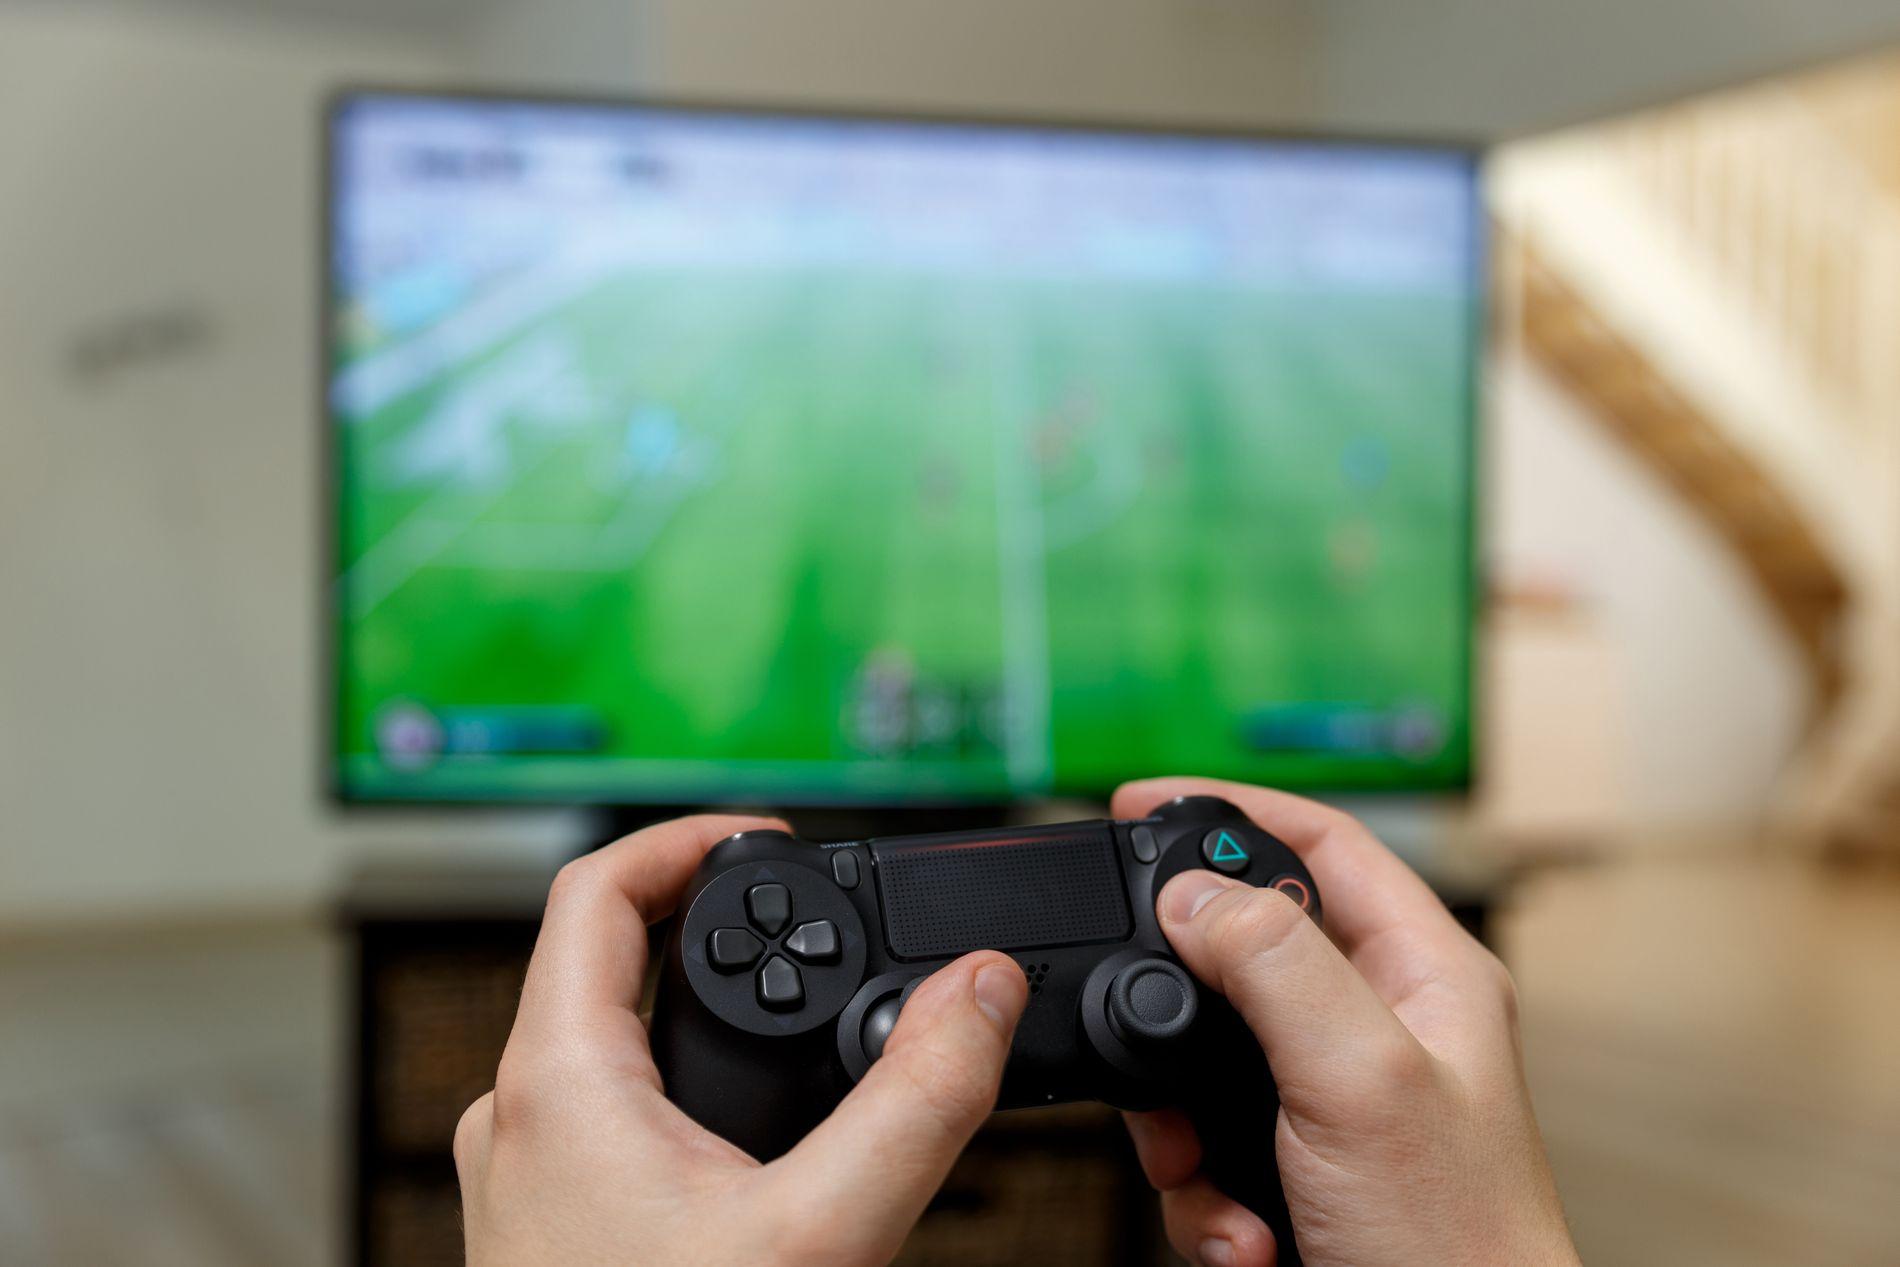 KJØPEPRESS: Noen ganger gir kjøp i spill tilgang til ting som gir prestisje og får deg til å se bra ut. Andre ganger gir det direkte fordeler i spillet, skriver innsenderen.